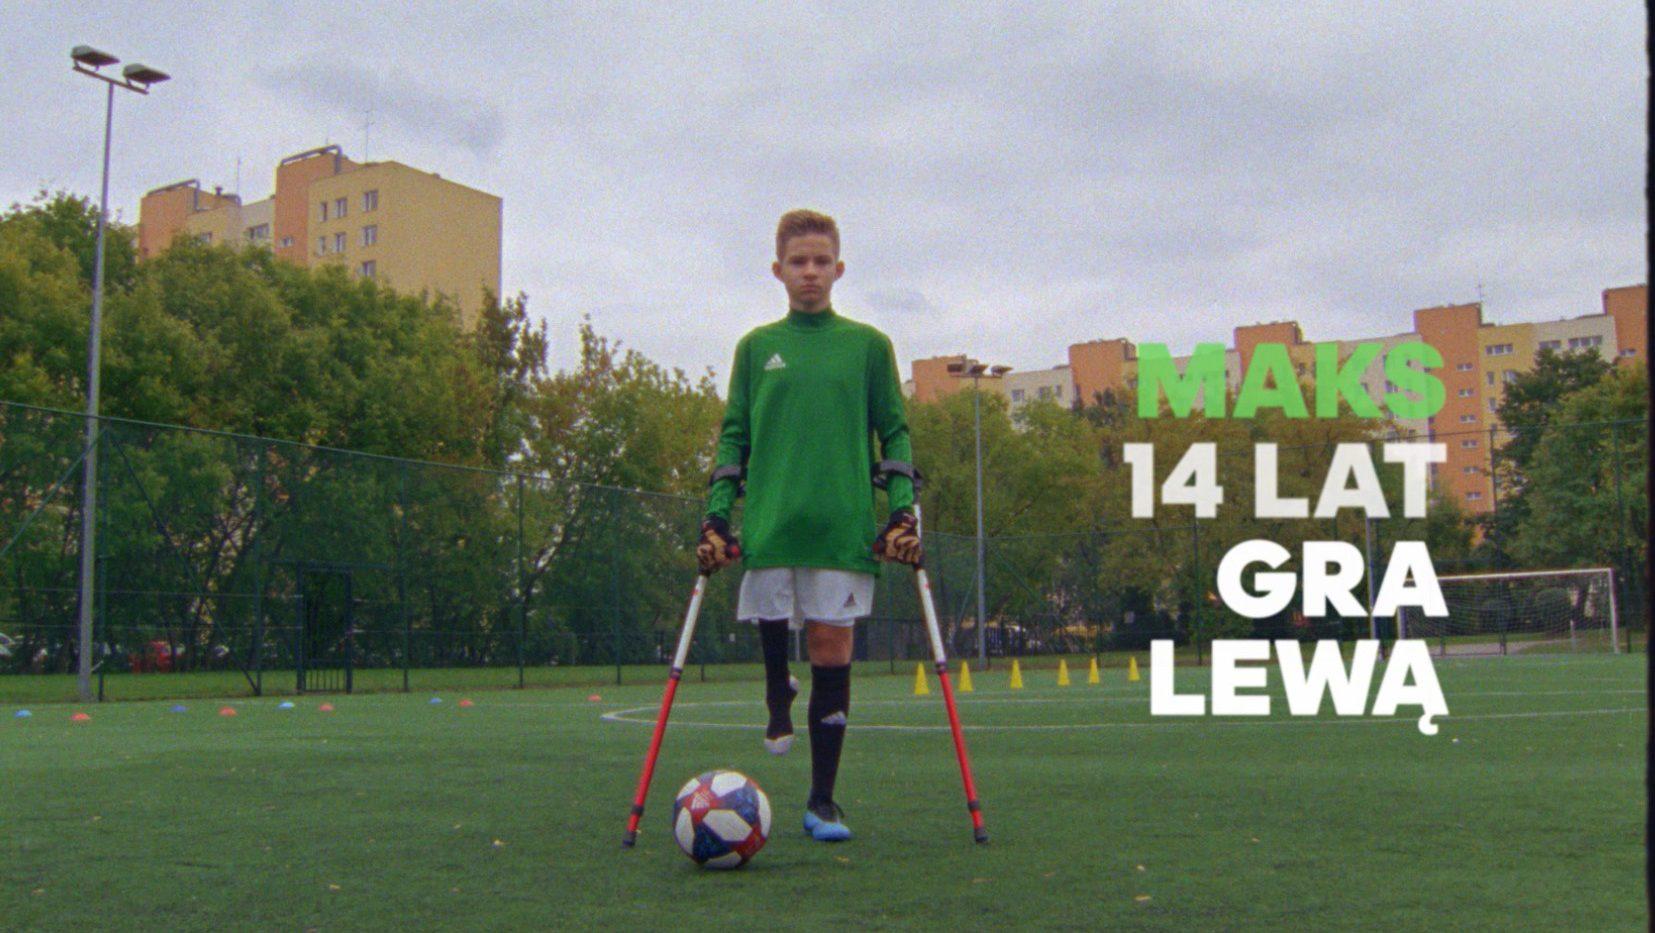 adidas we współpracy z Legią Warszawa powołuje Dziecięcą Sekcję Amp Futbolu